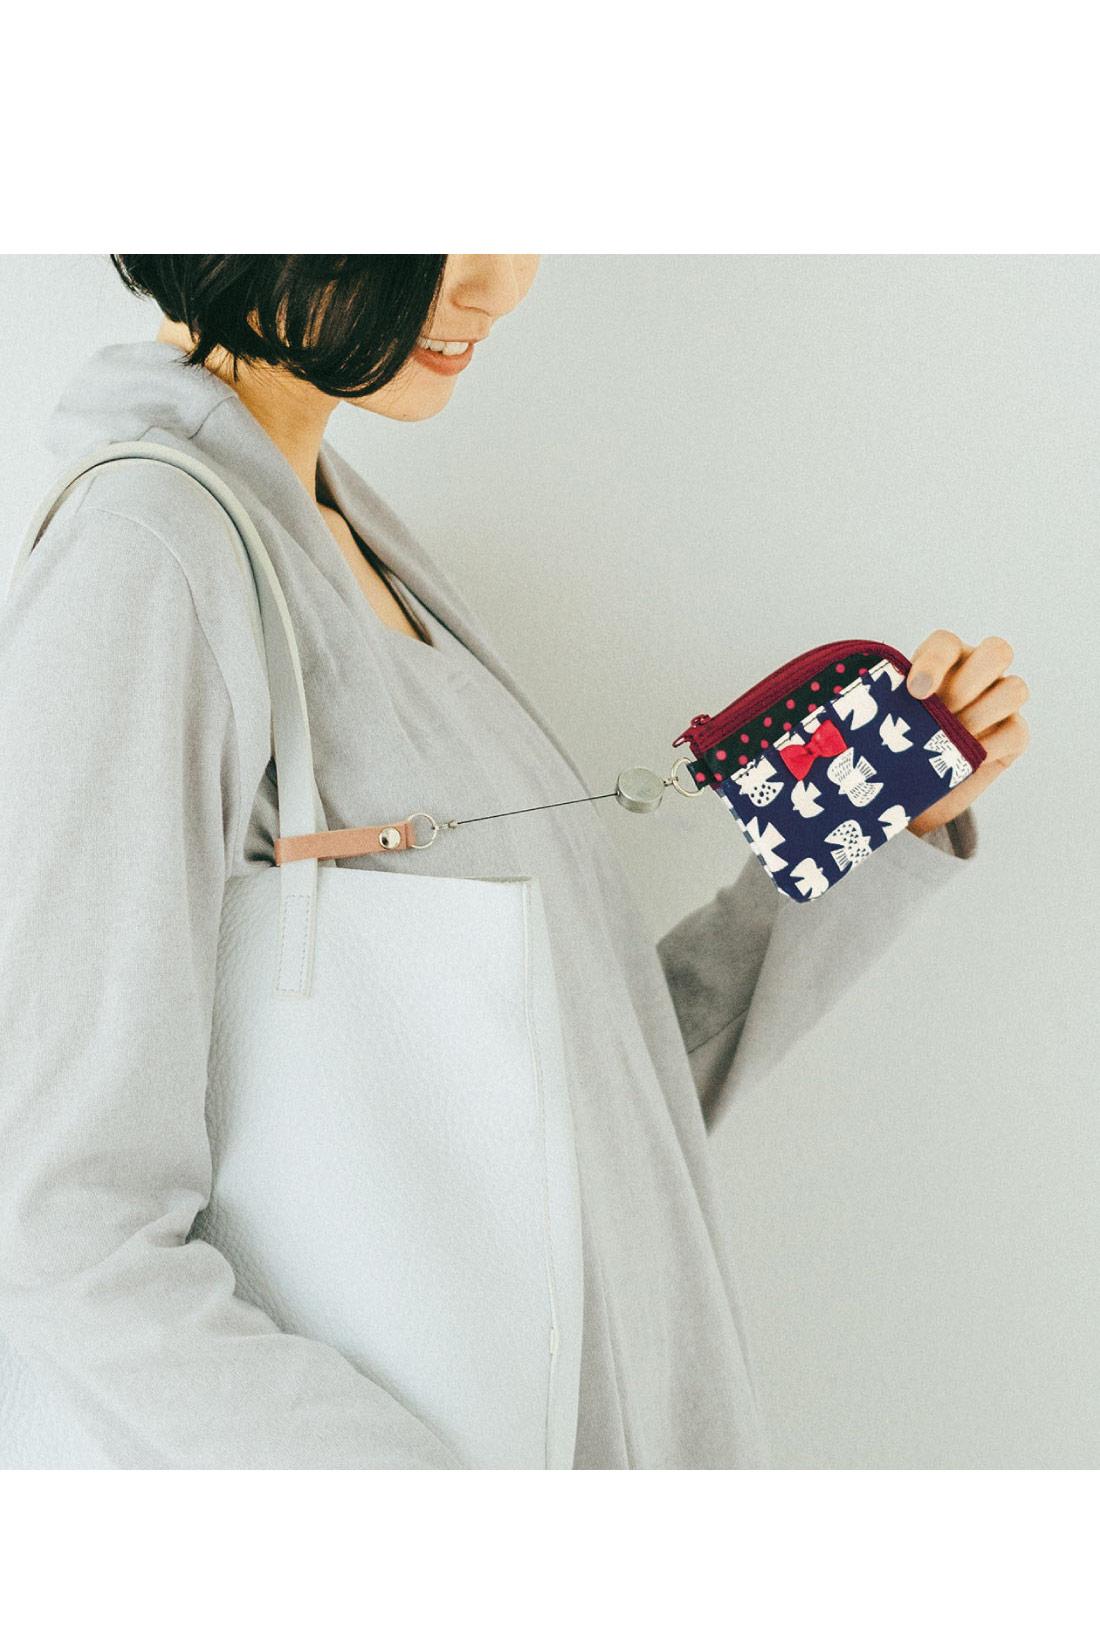 バッグの中で迷子にならないリールストラップ付き。ICカードで電車に乗るときも、持ち手に留めて、びよーんと伸ばしてピッ!でOKです。